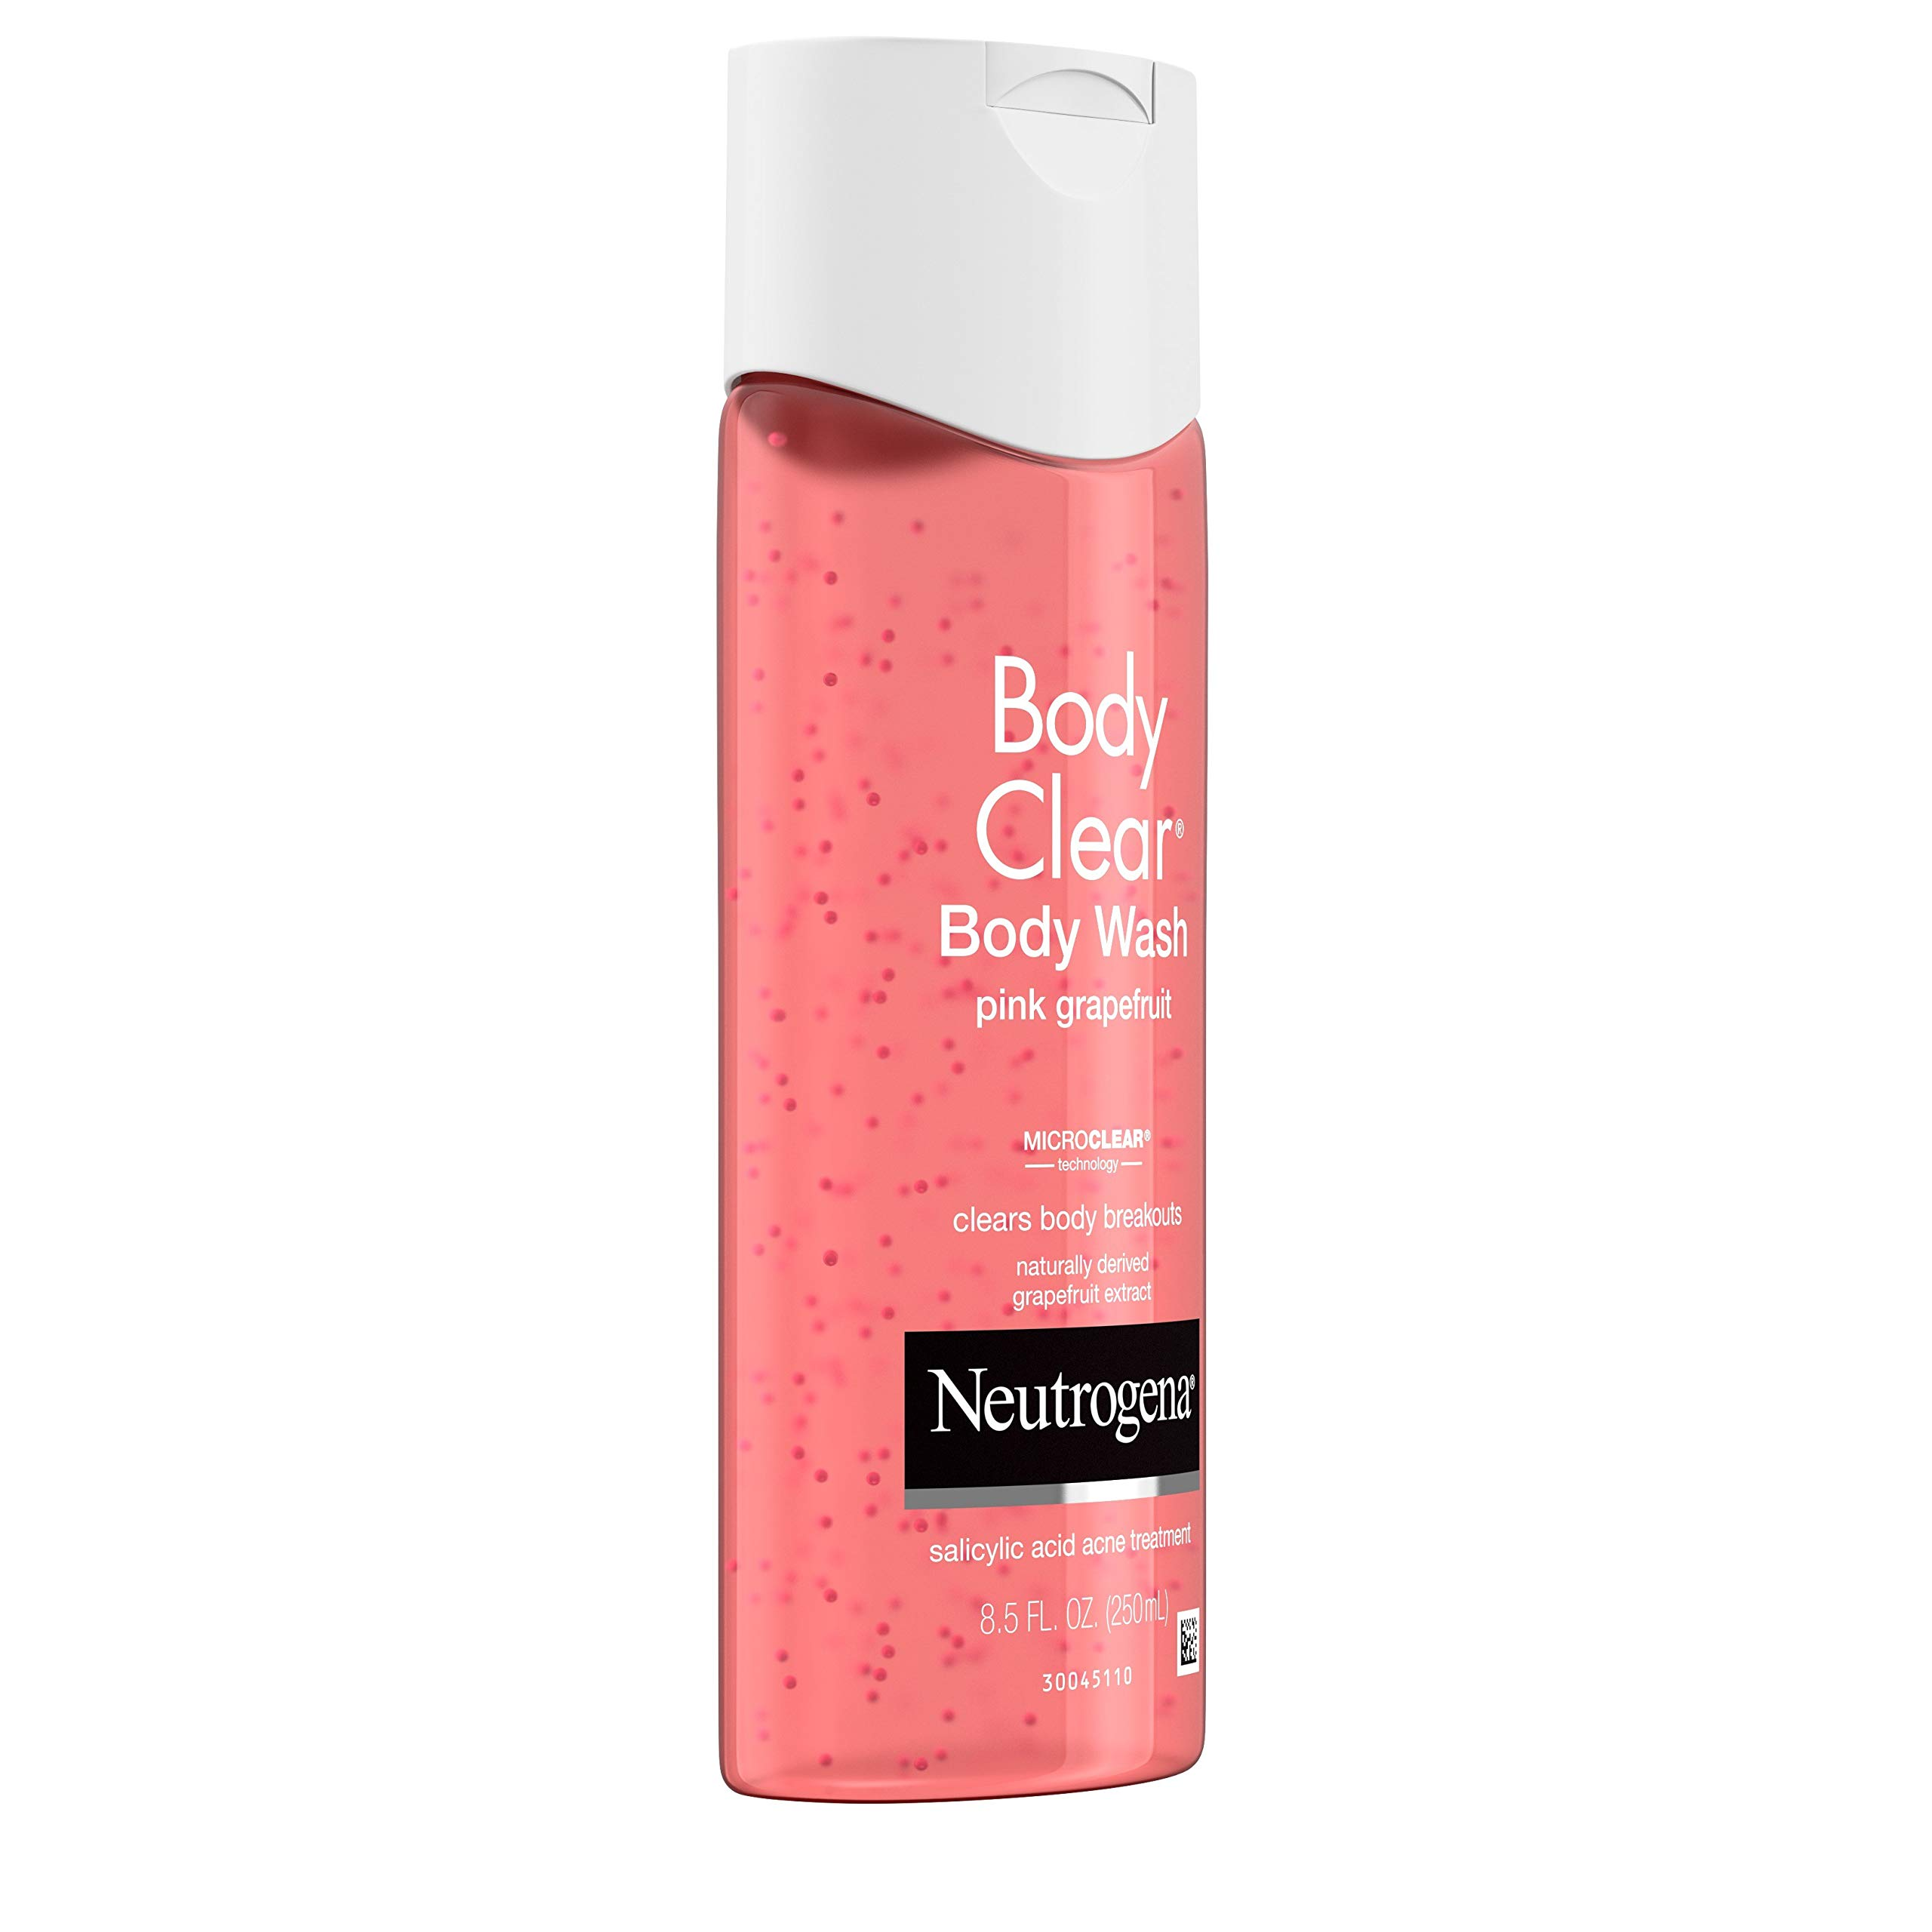 Neutrogena Body Clear Acne Treatment Body Wash With Salicylic Acid